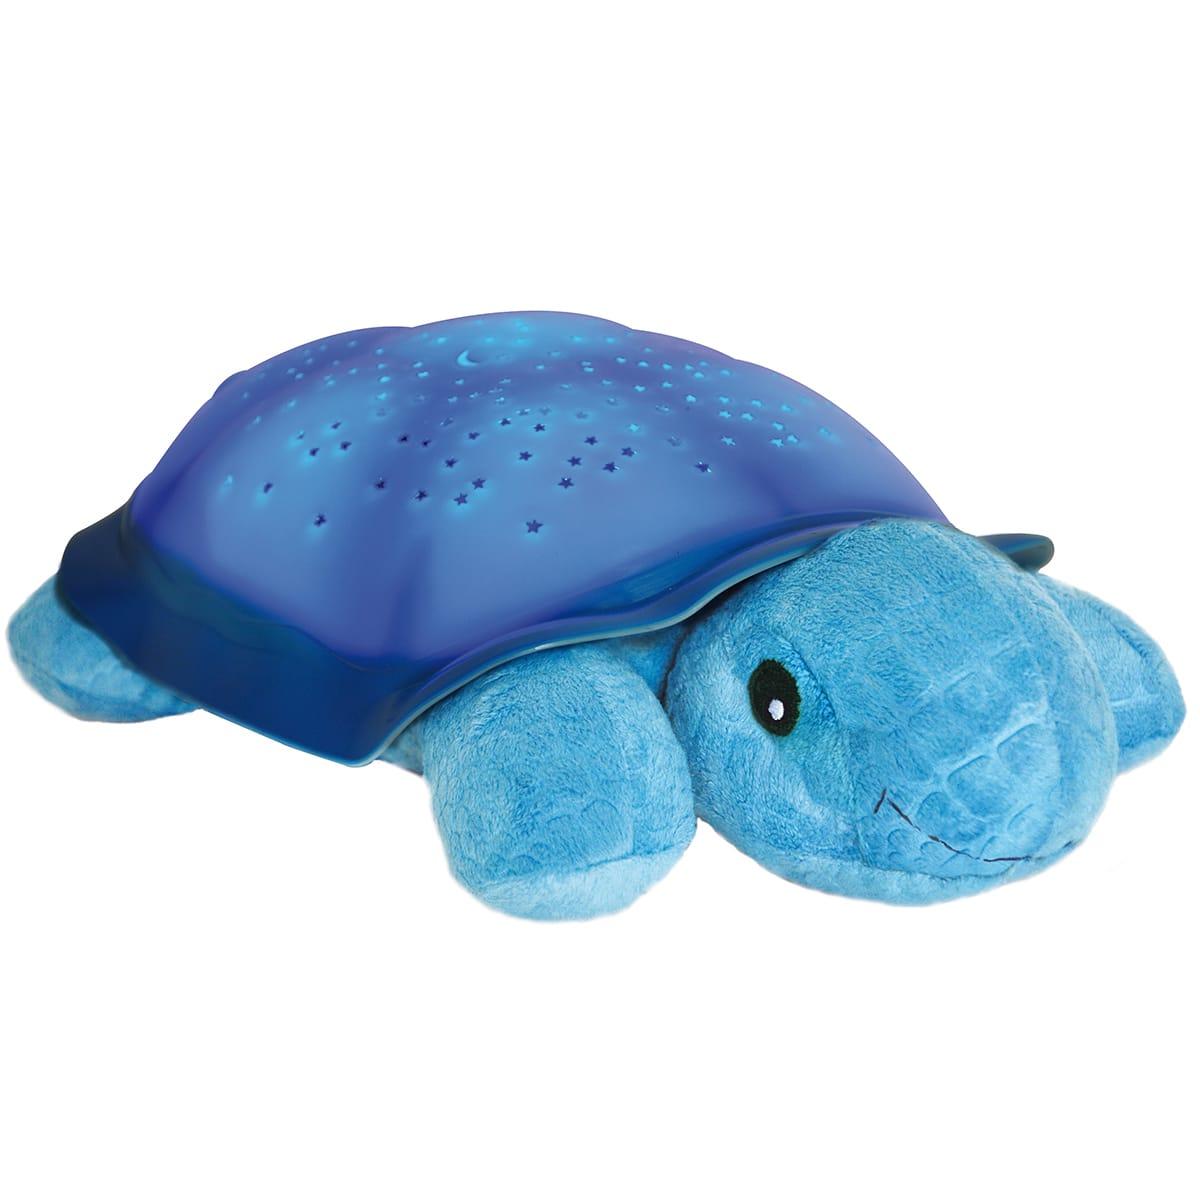 Lysende skildpadde der indhyller børneværelset i en stjernehimmel